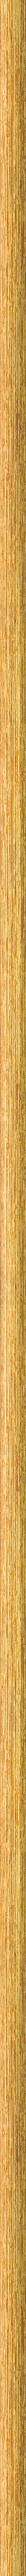 Curved gold frame frame